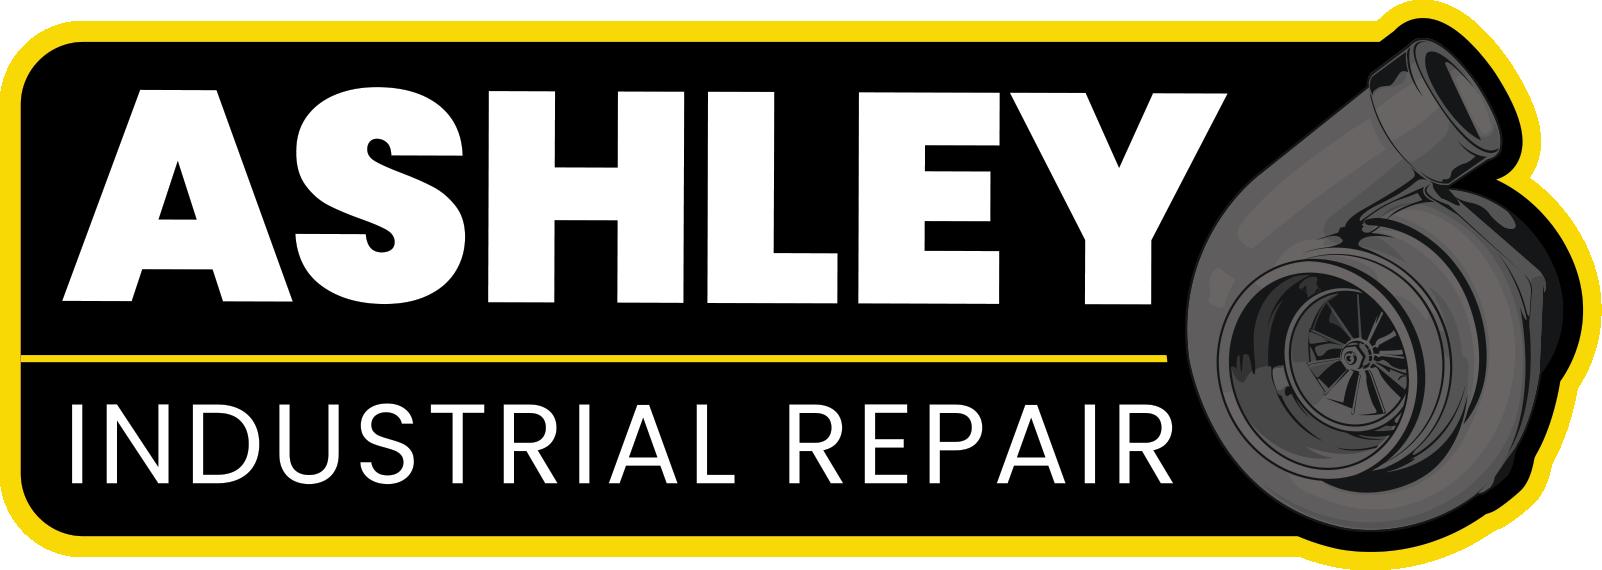 Ashley Industrial Repair  in Mineral Wells, WV